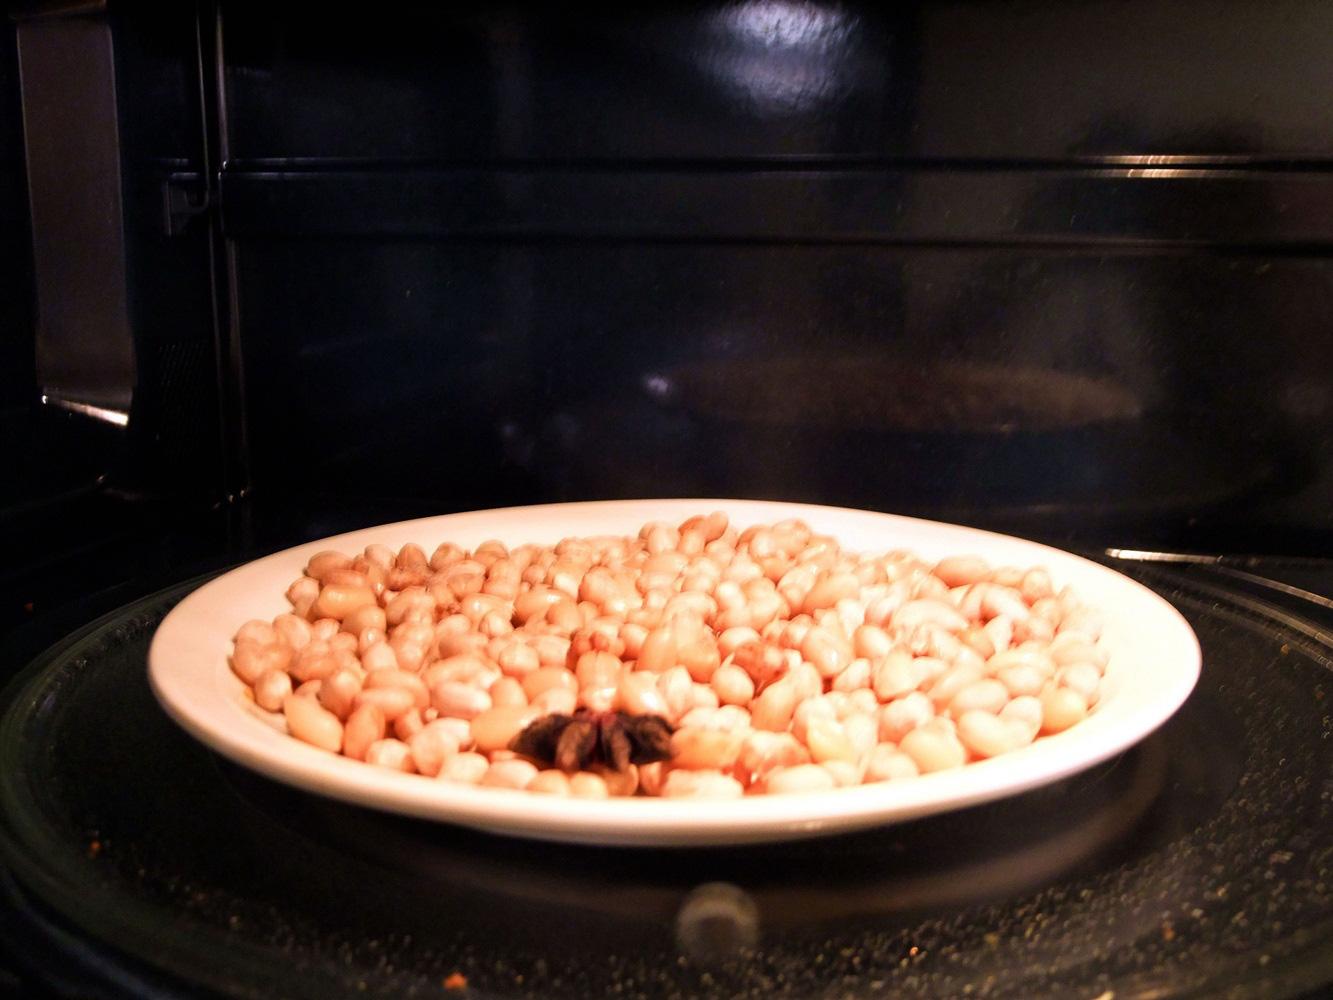 Dùng lò vi sóng làm đậu phộng cay ăn vặt ngày lạnh ngon số 1 - Ảnh 5.